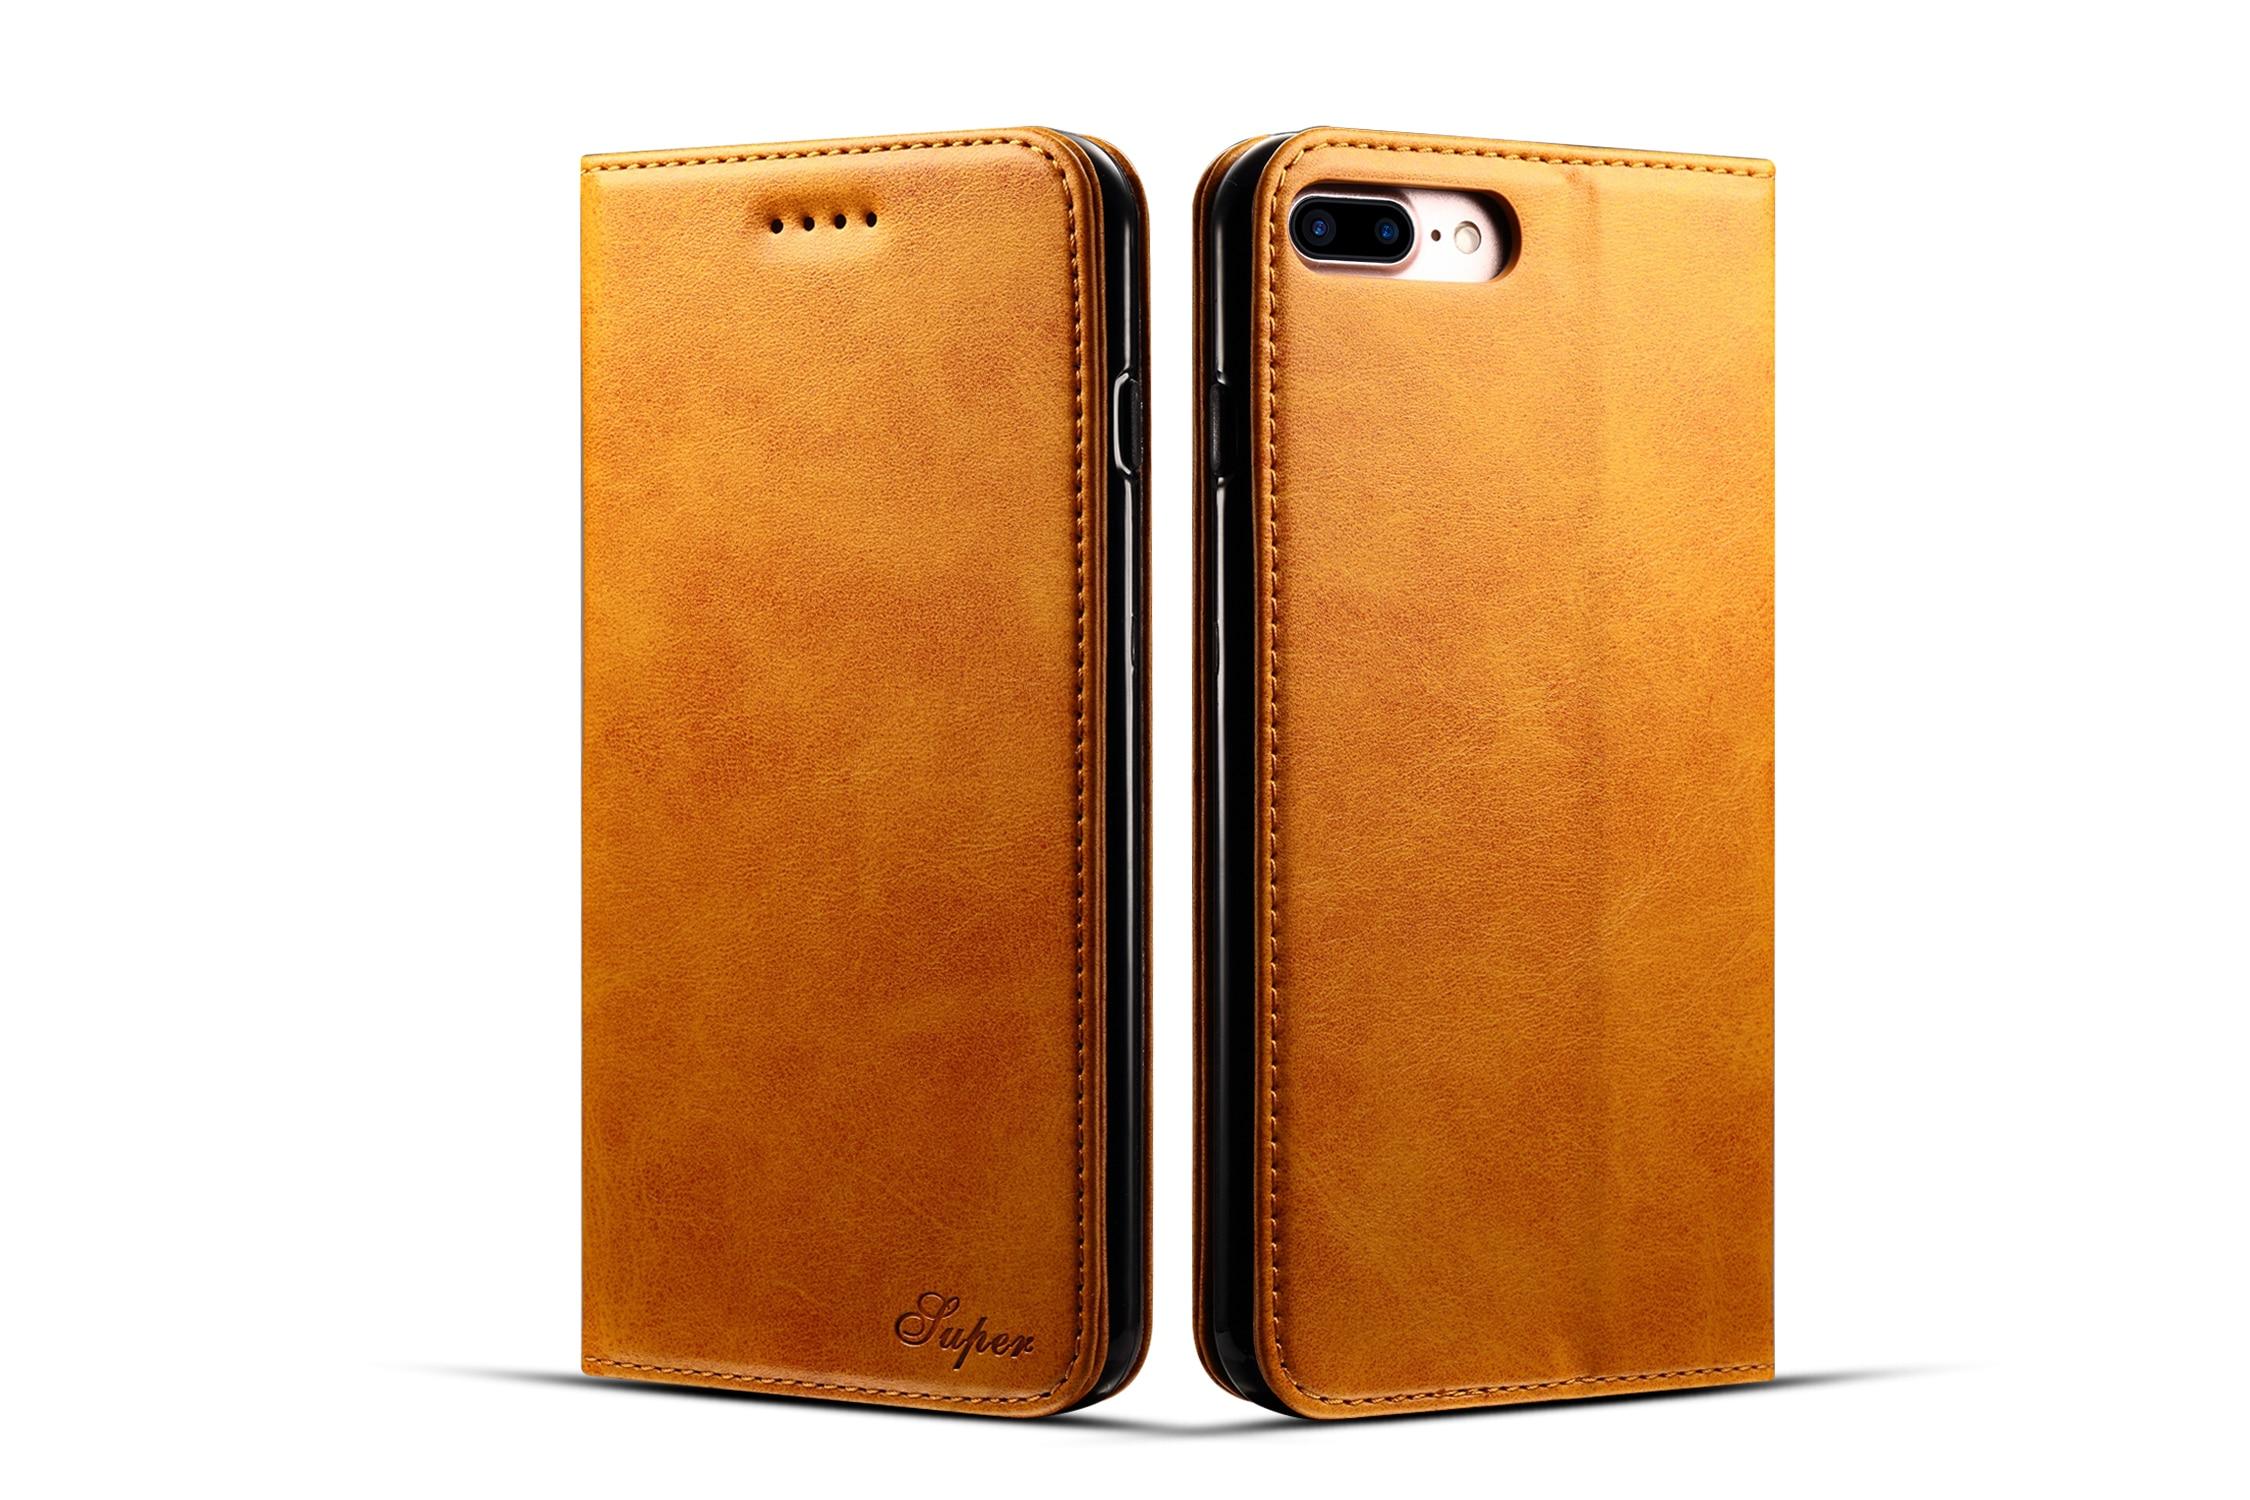 imágenes para Para la Caja Del Teléfono iphone 7 Más Cubierta de TPU + Cuero de LA PU Magnética caso Para el iphone 7 Más Caja de La Carpeta Para el iphone de Apple 7 Más Fundas